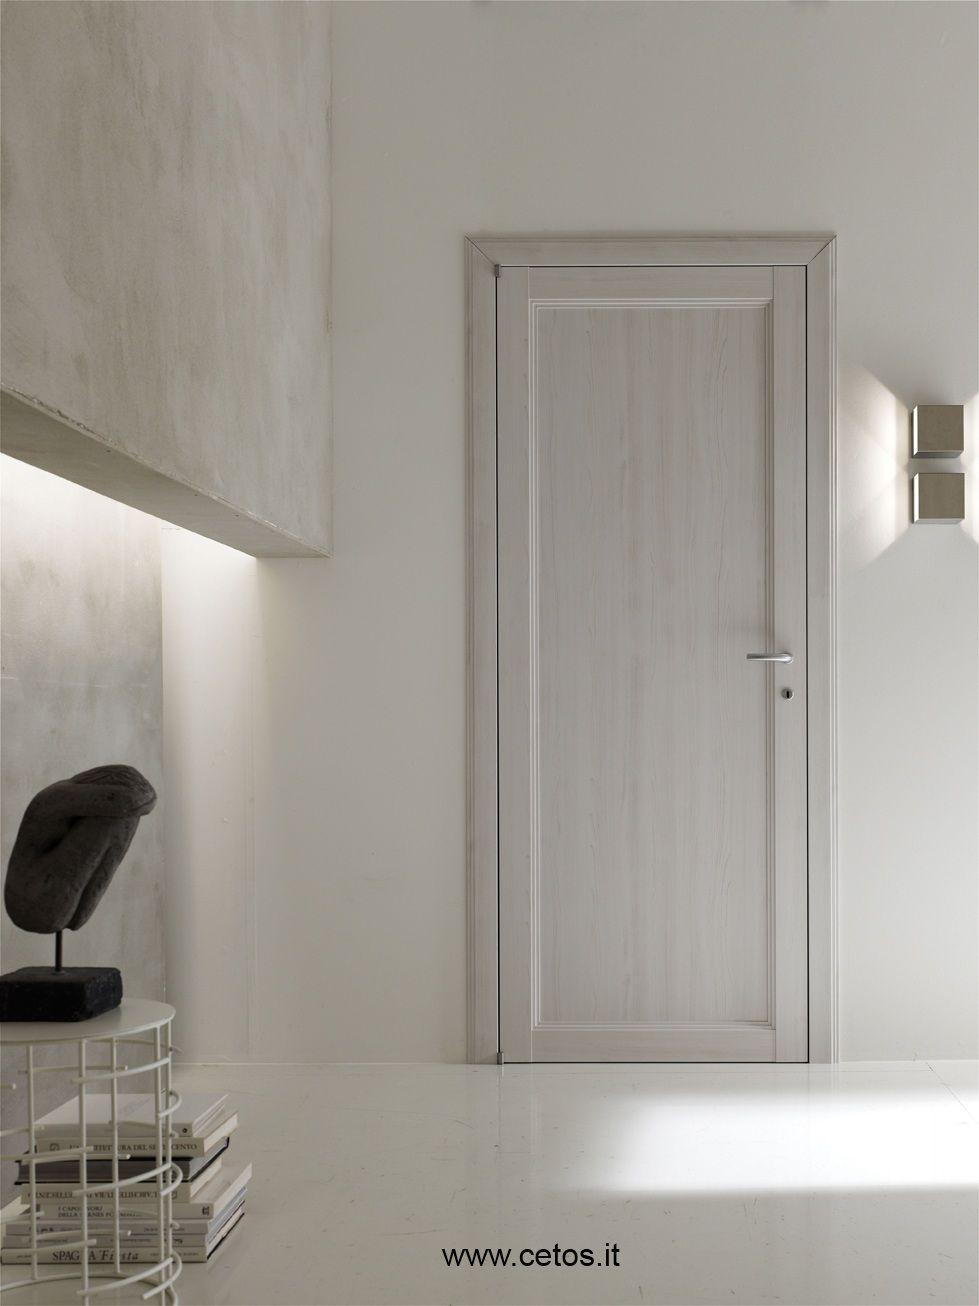 Porta interna in laminato finitura olmo sbiancato a opening in 2019 portes plafond - Prezzo porta interna ...